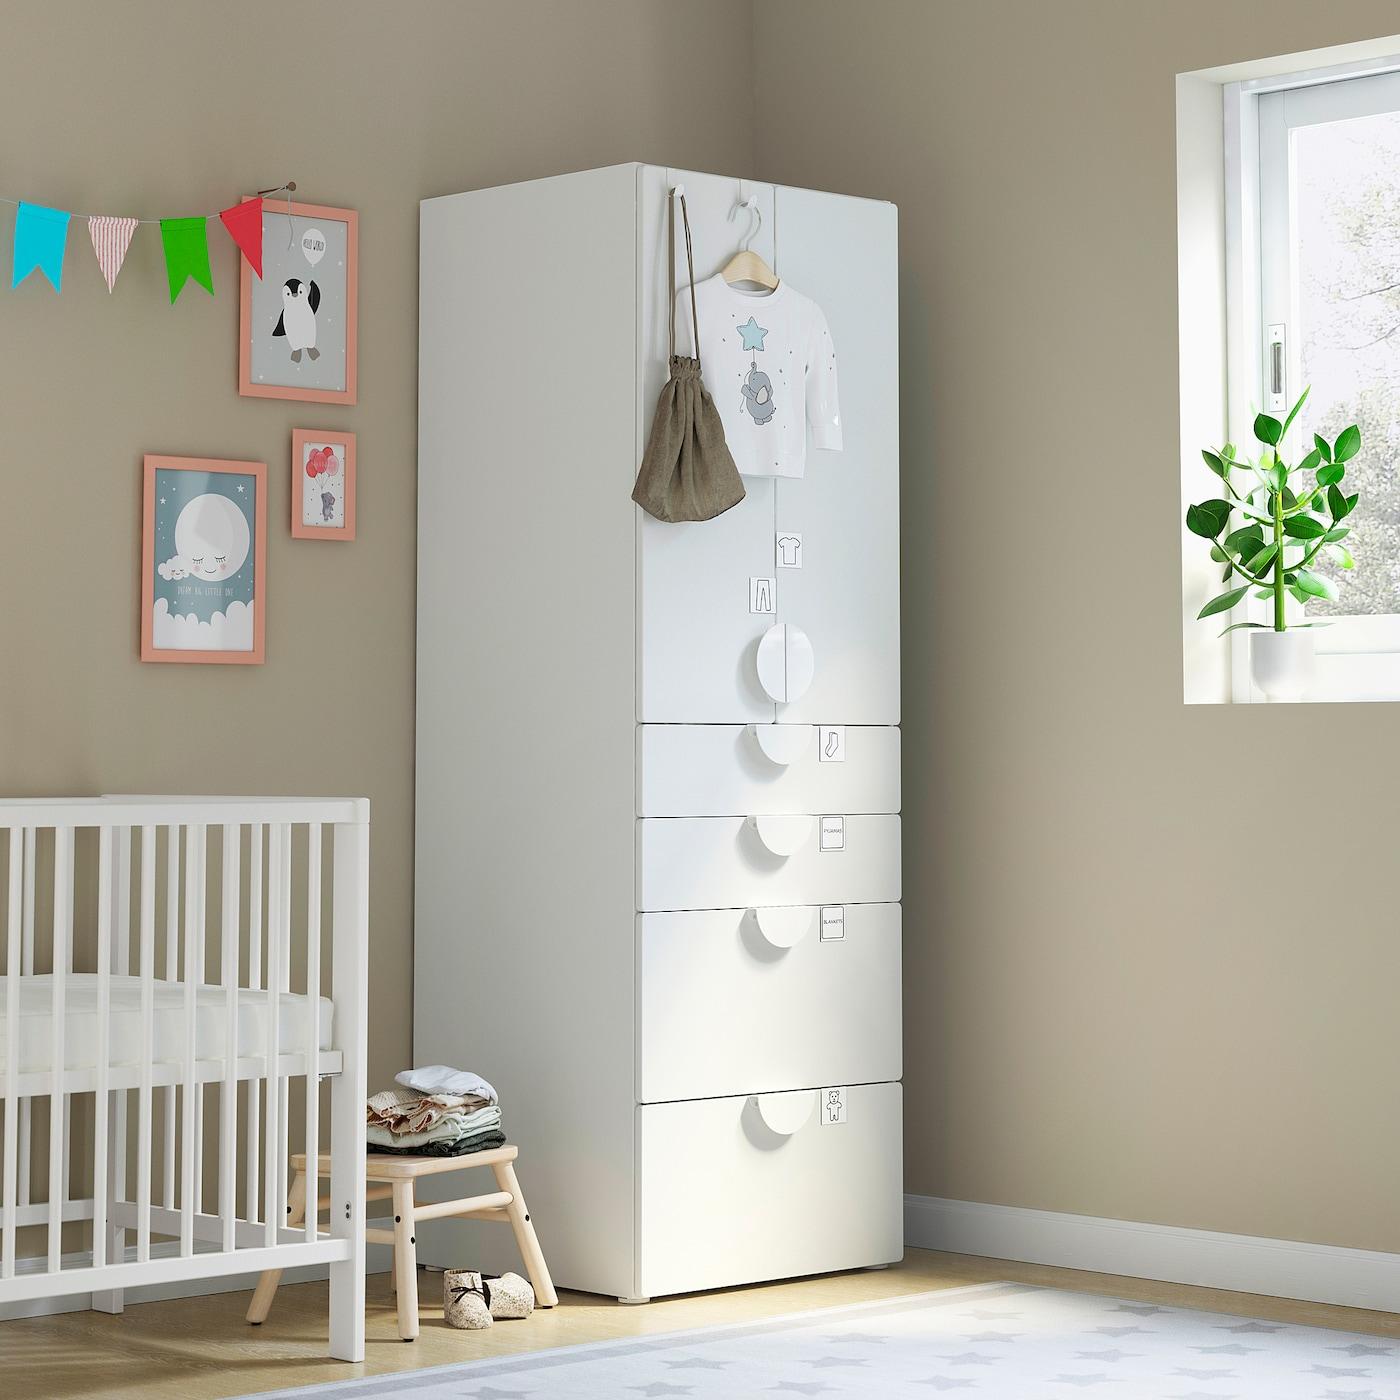 SMÅSTAD خزانة ملابس, أبيض أبيض/مع 4 أدراج, 60x57x181 سم